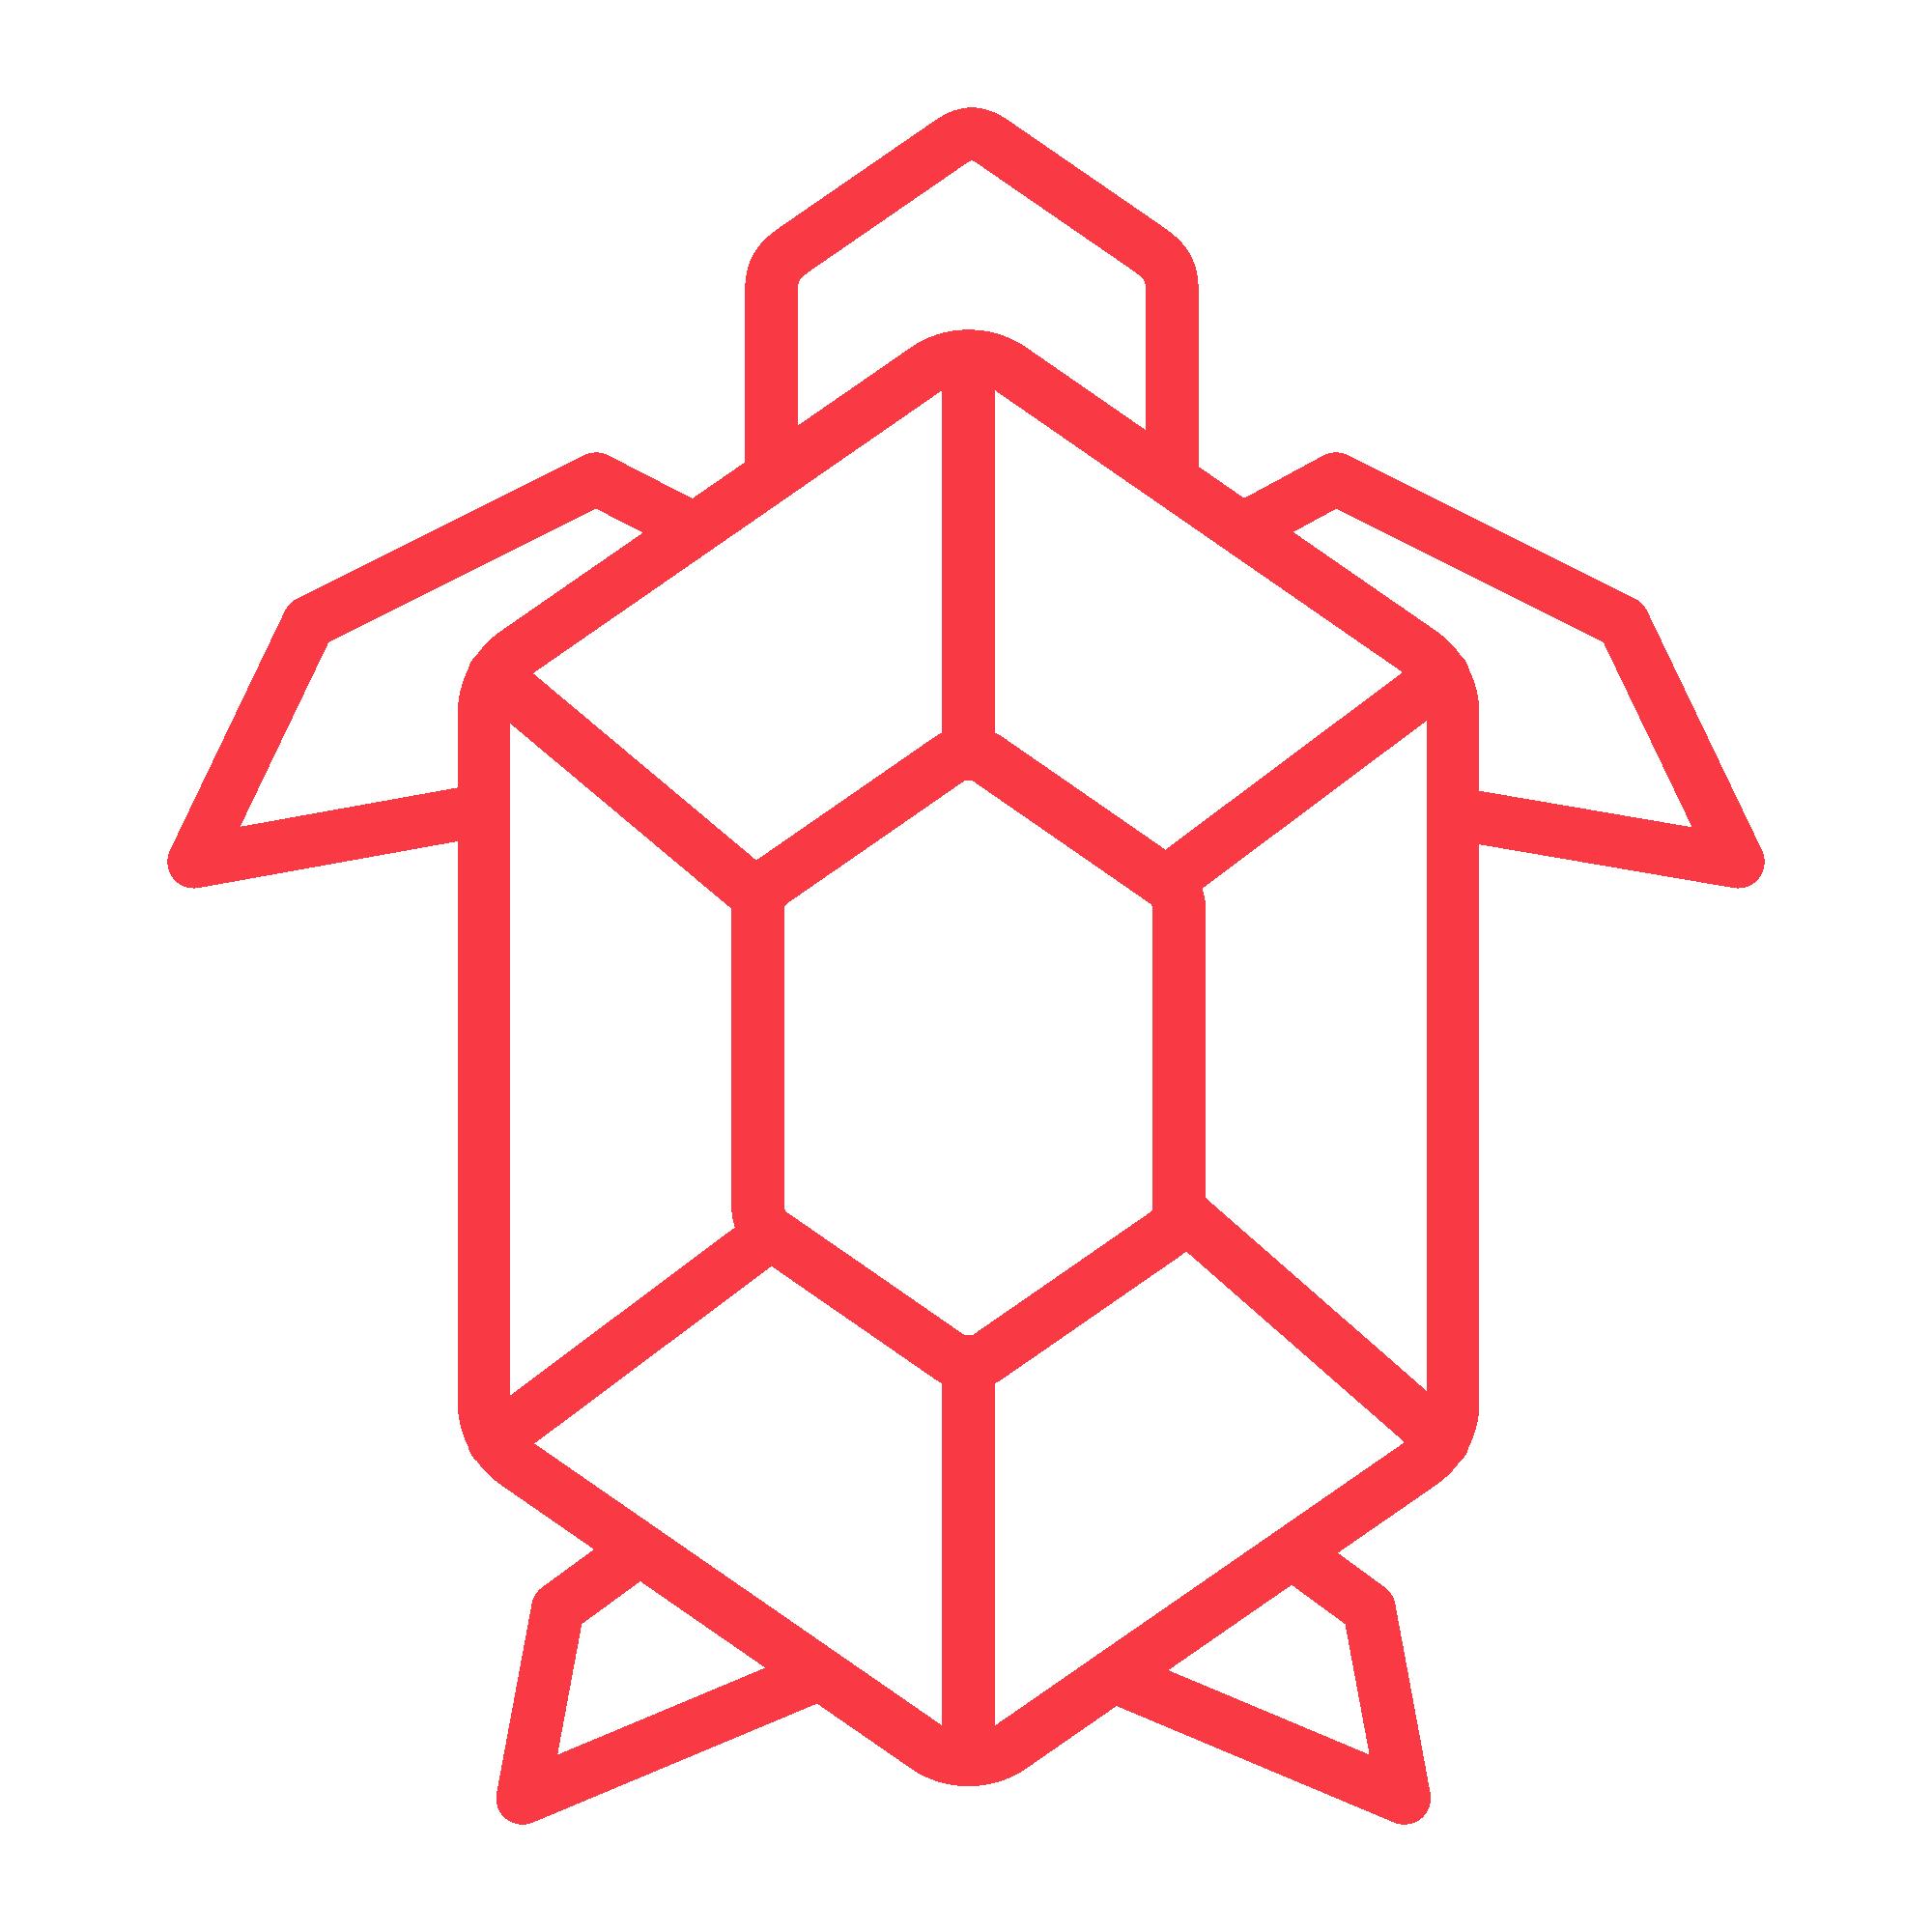 Tahkox Symbol Red